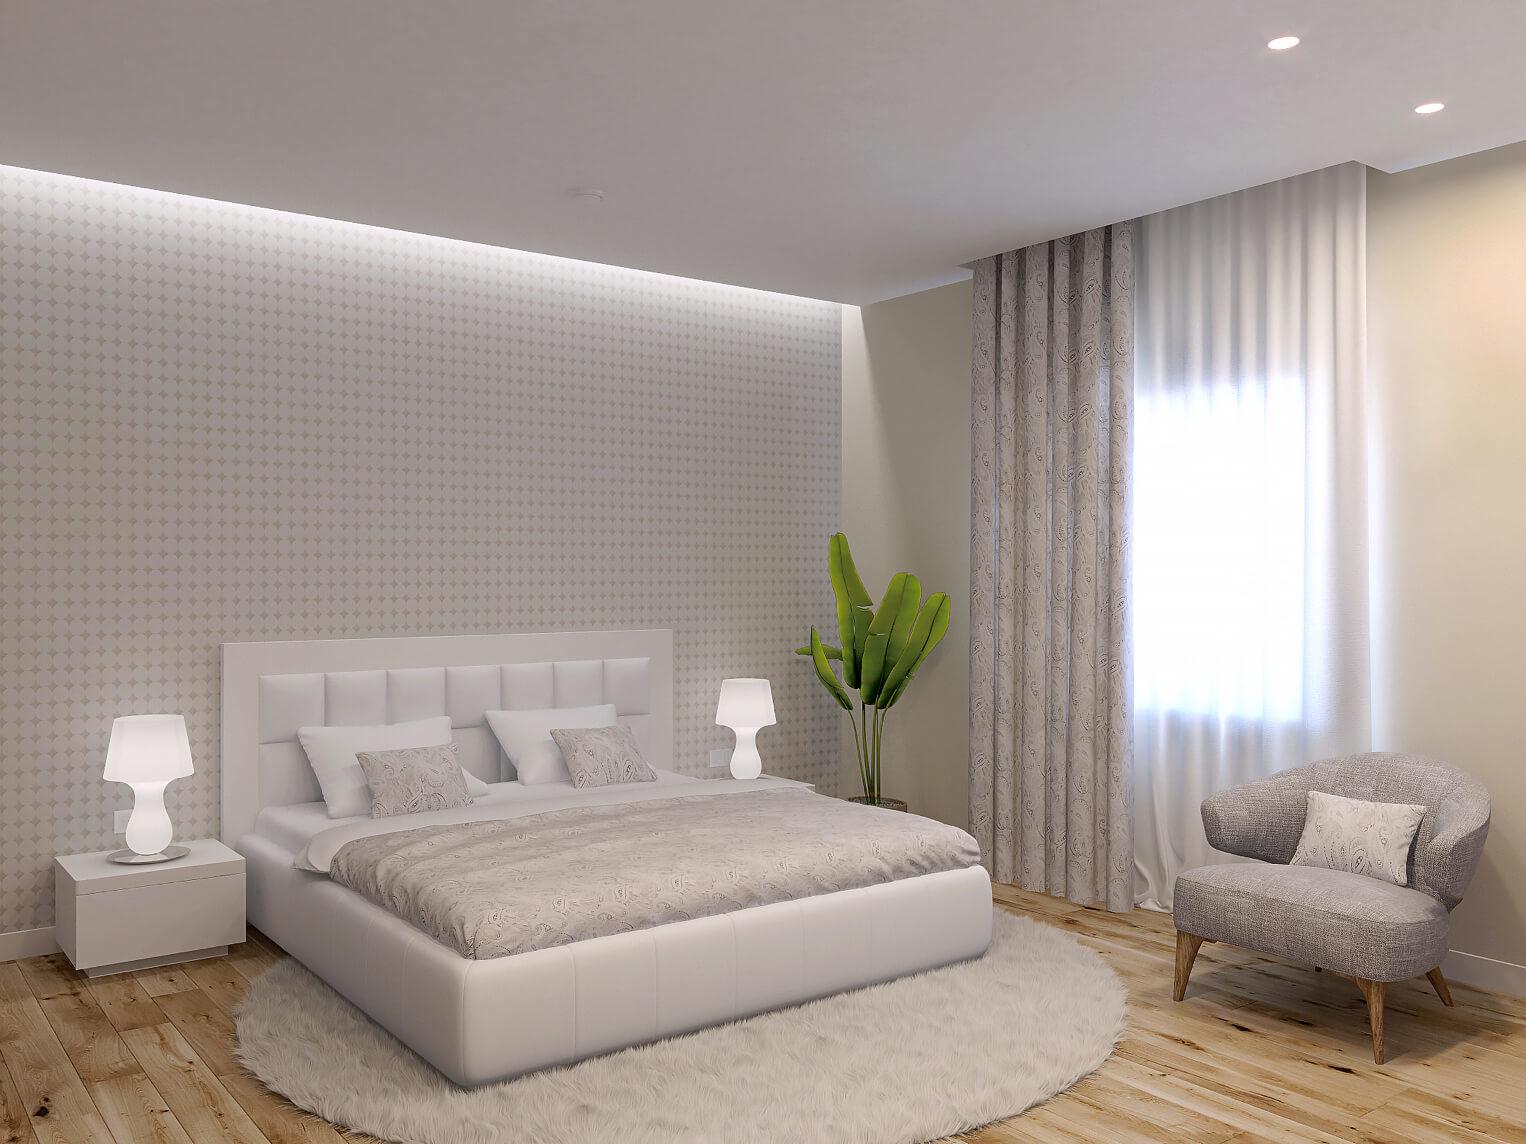 Монохромность в интерьере спальни можно разнообразить фактурой